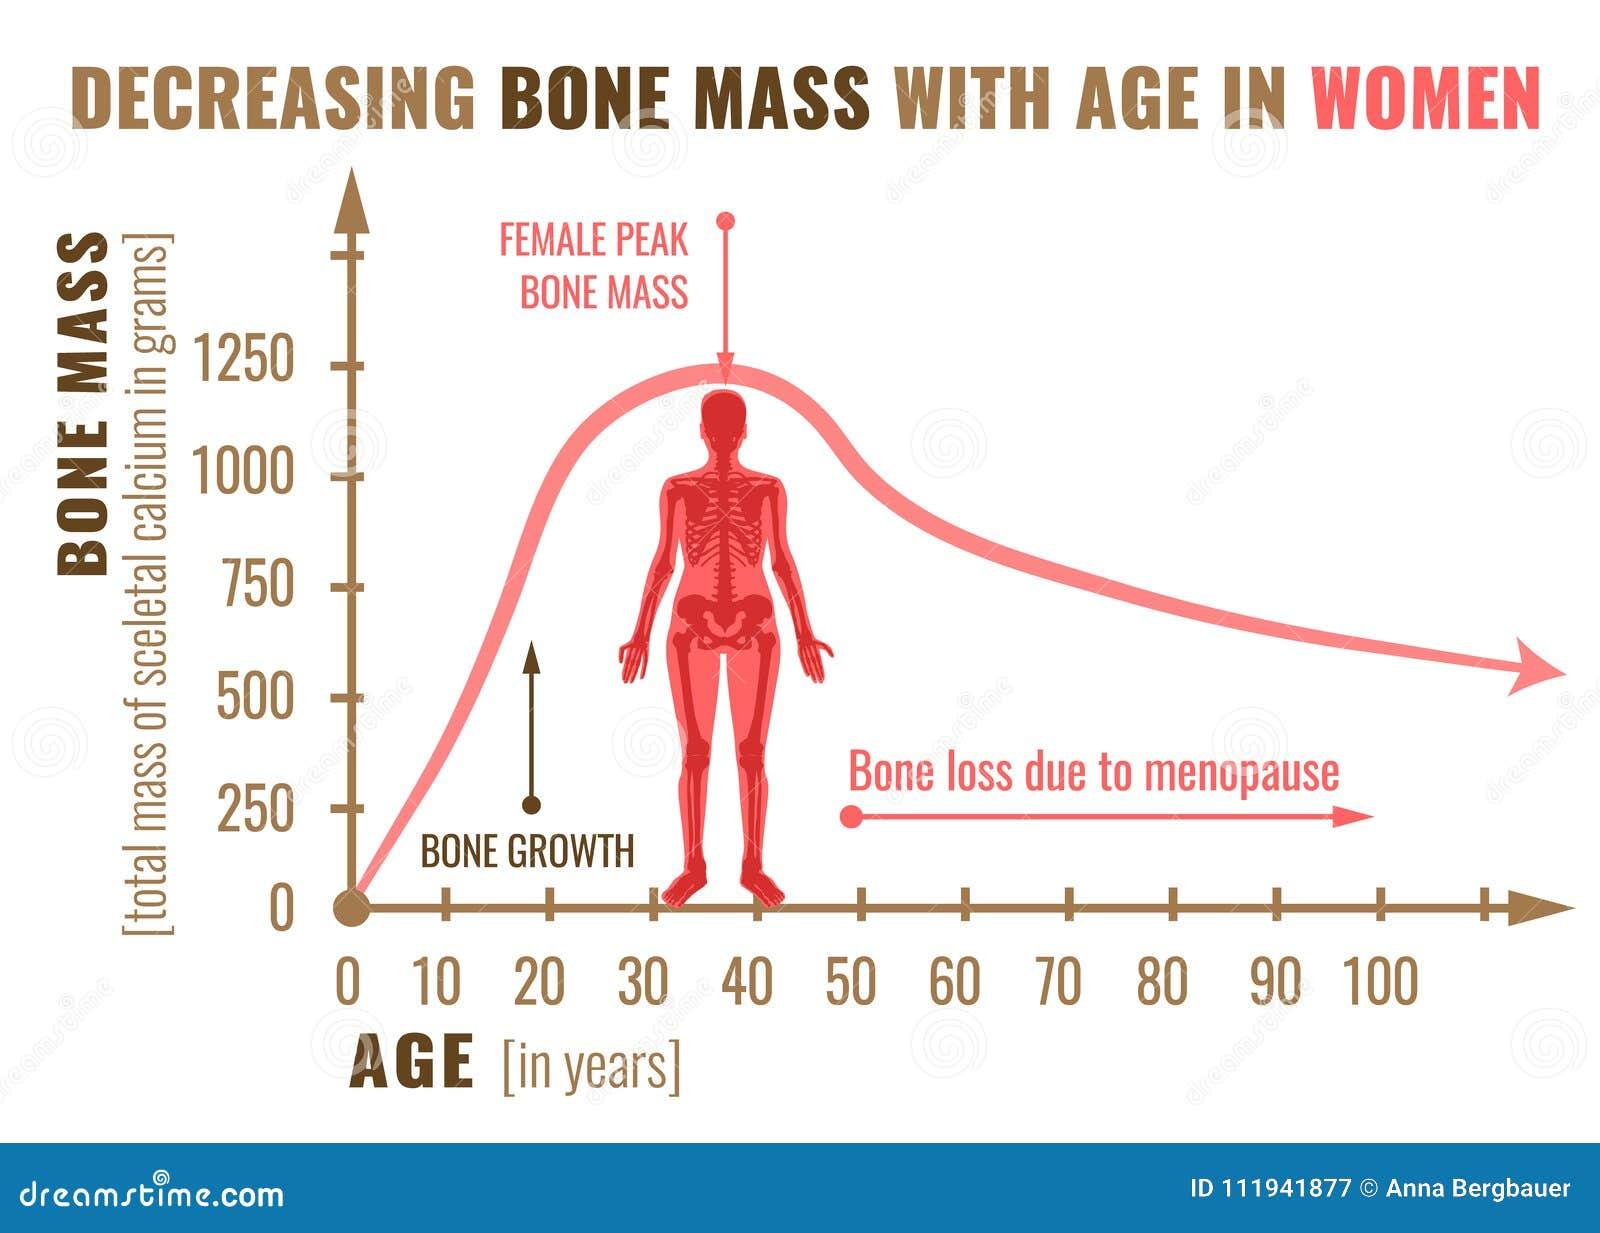 Bone mass decreasing